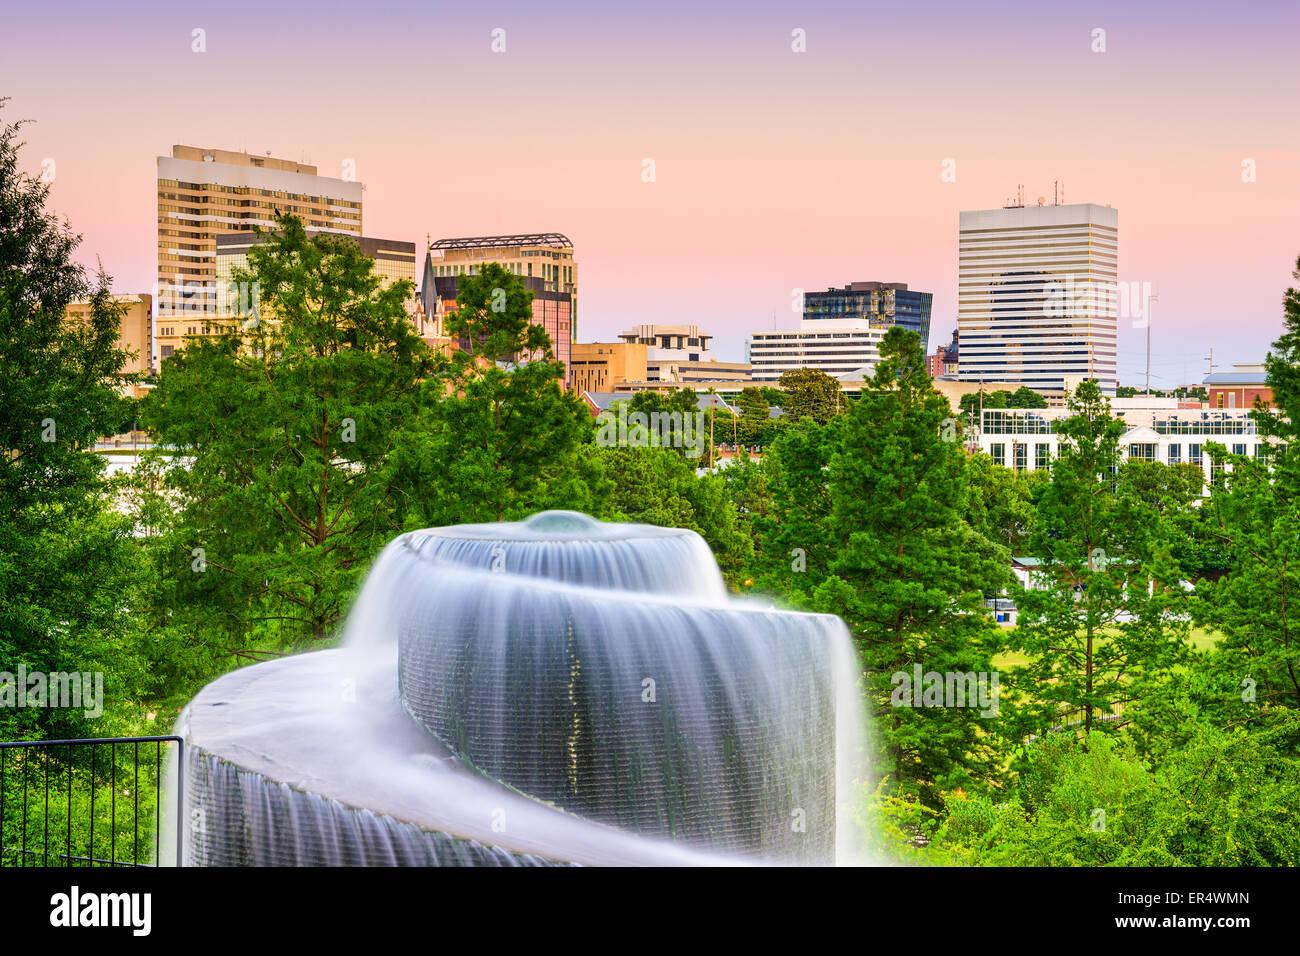 Columbia nella Carolina del Sud, Stati Uniti d'America a Finlay Park Fontana. Immagini Stock